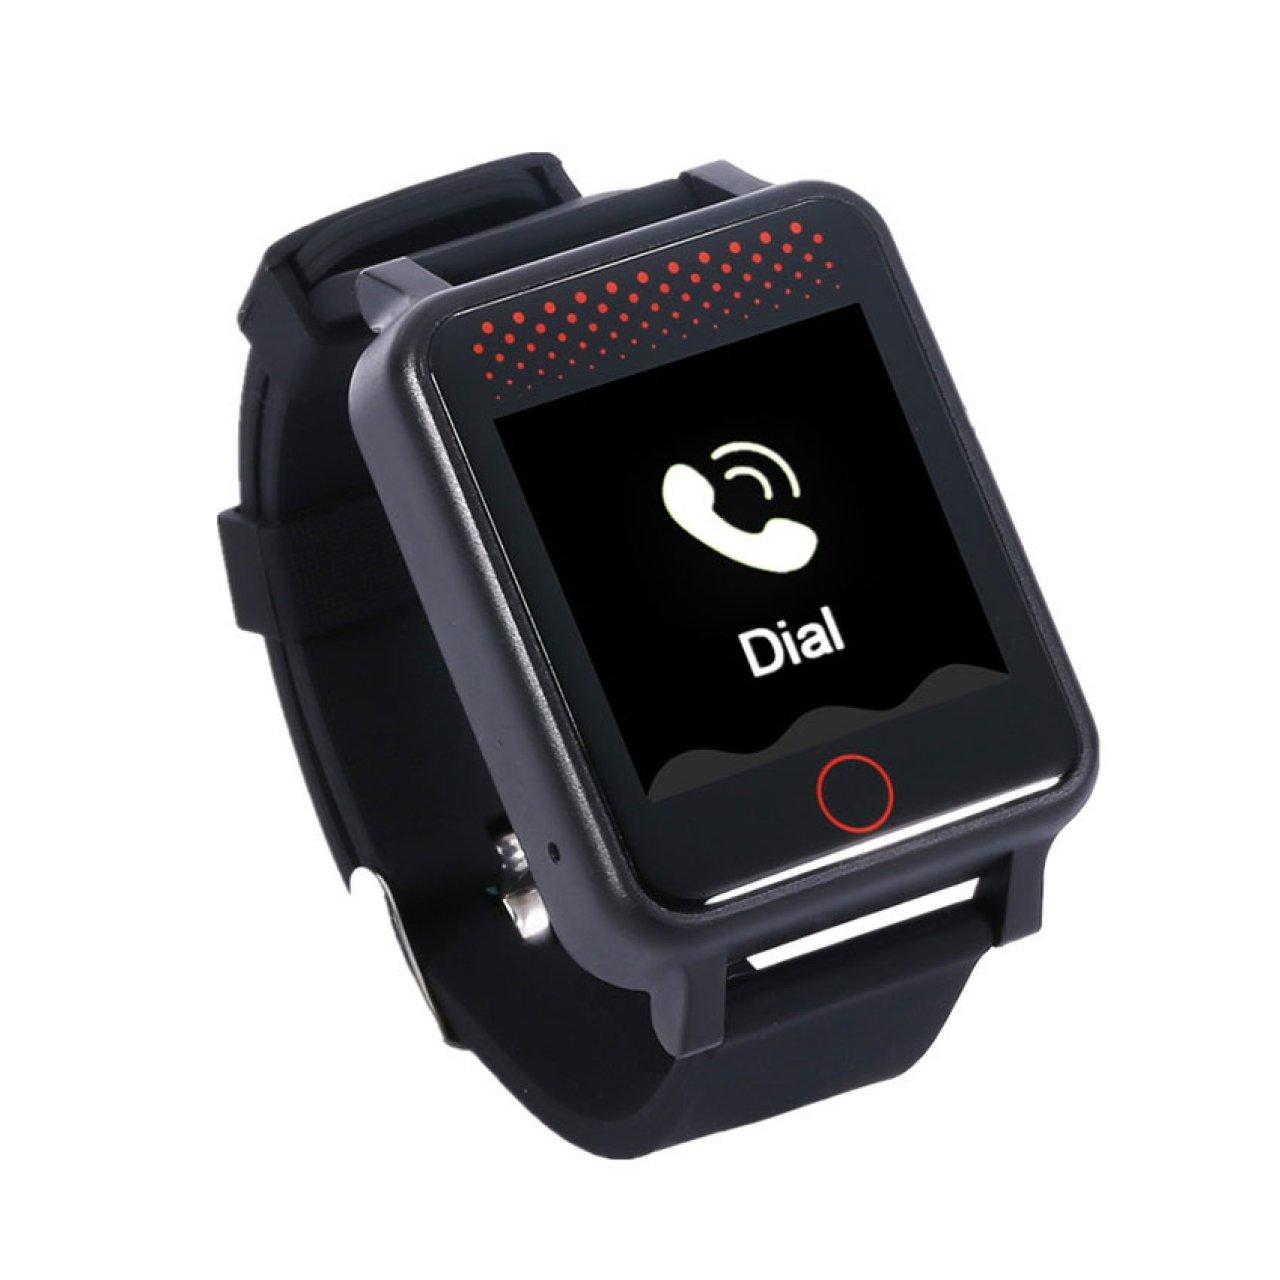 smartwatch mit gps tracking und vielen funktionen online g nstig kaufen. Black Bedroom Furniture Sets. Home Design Ideas